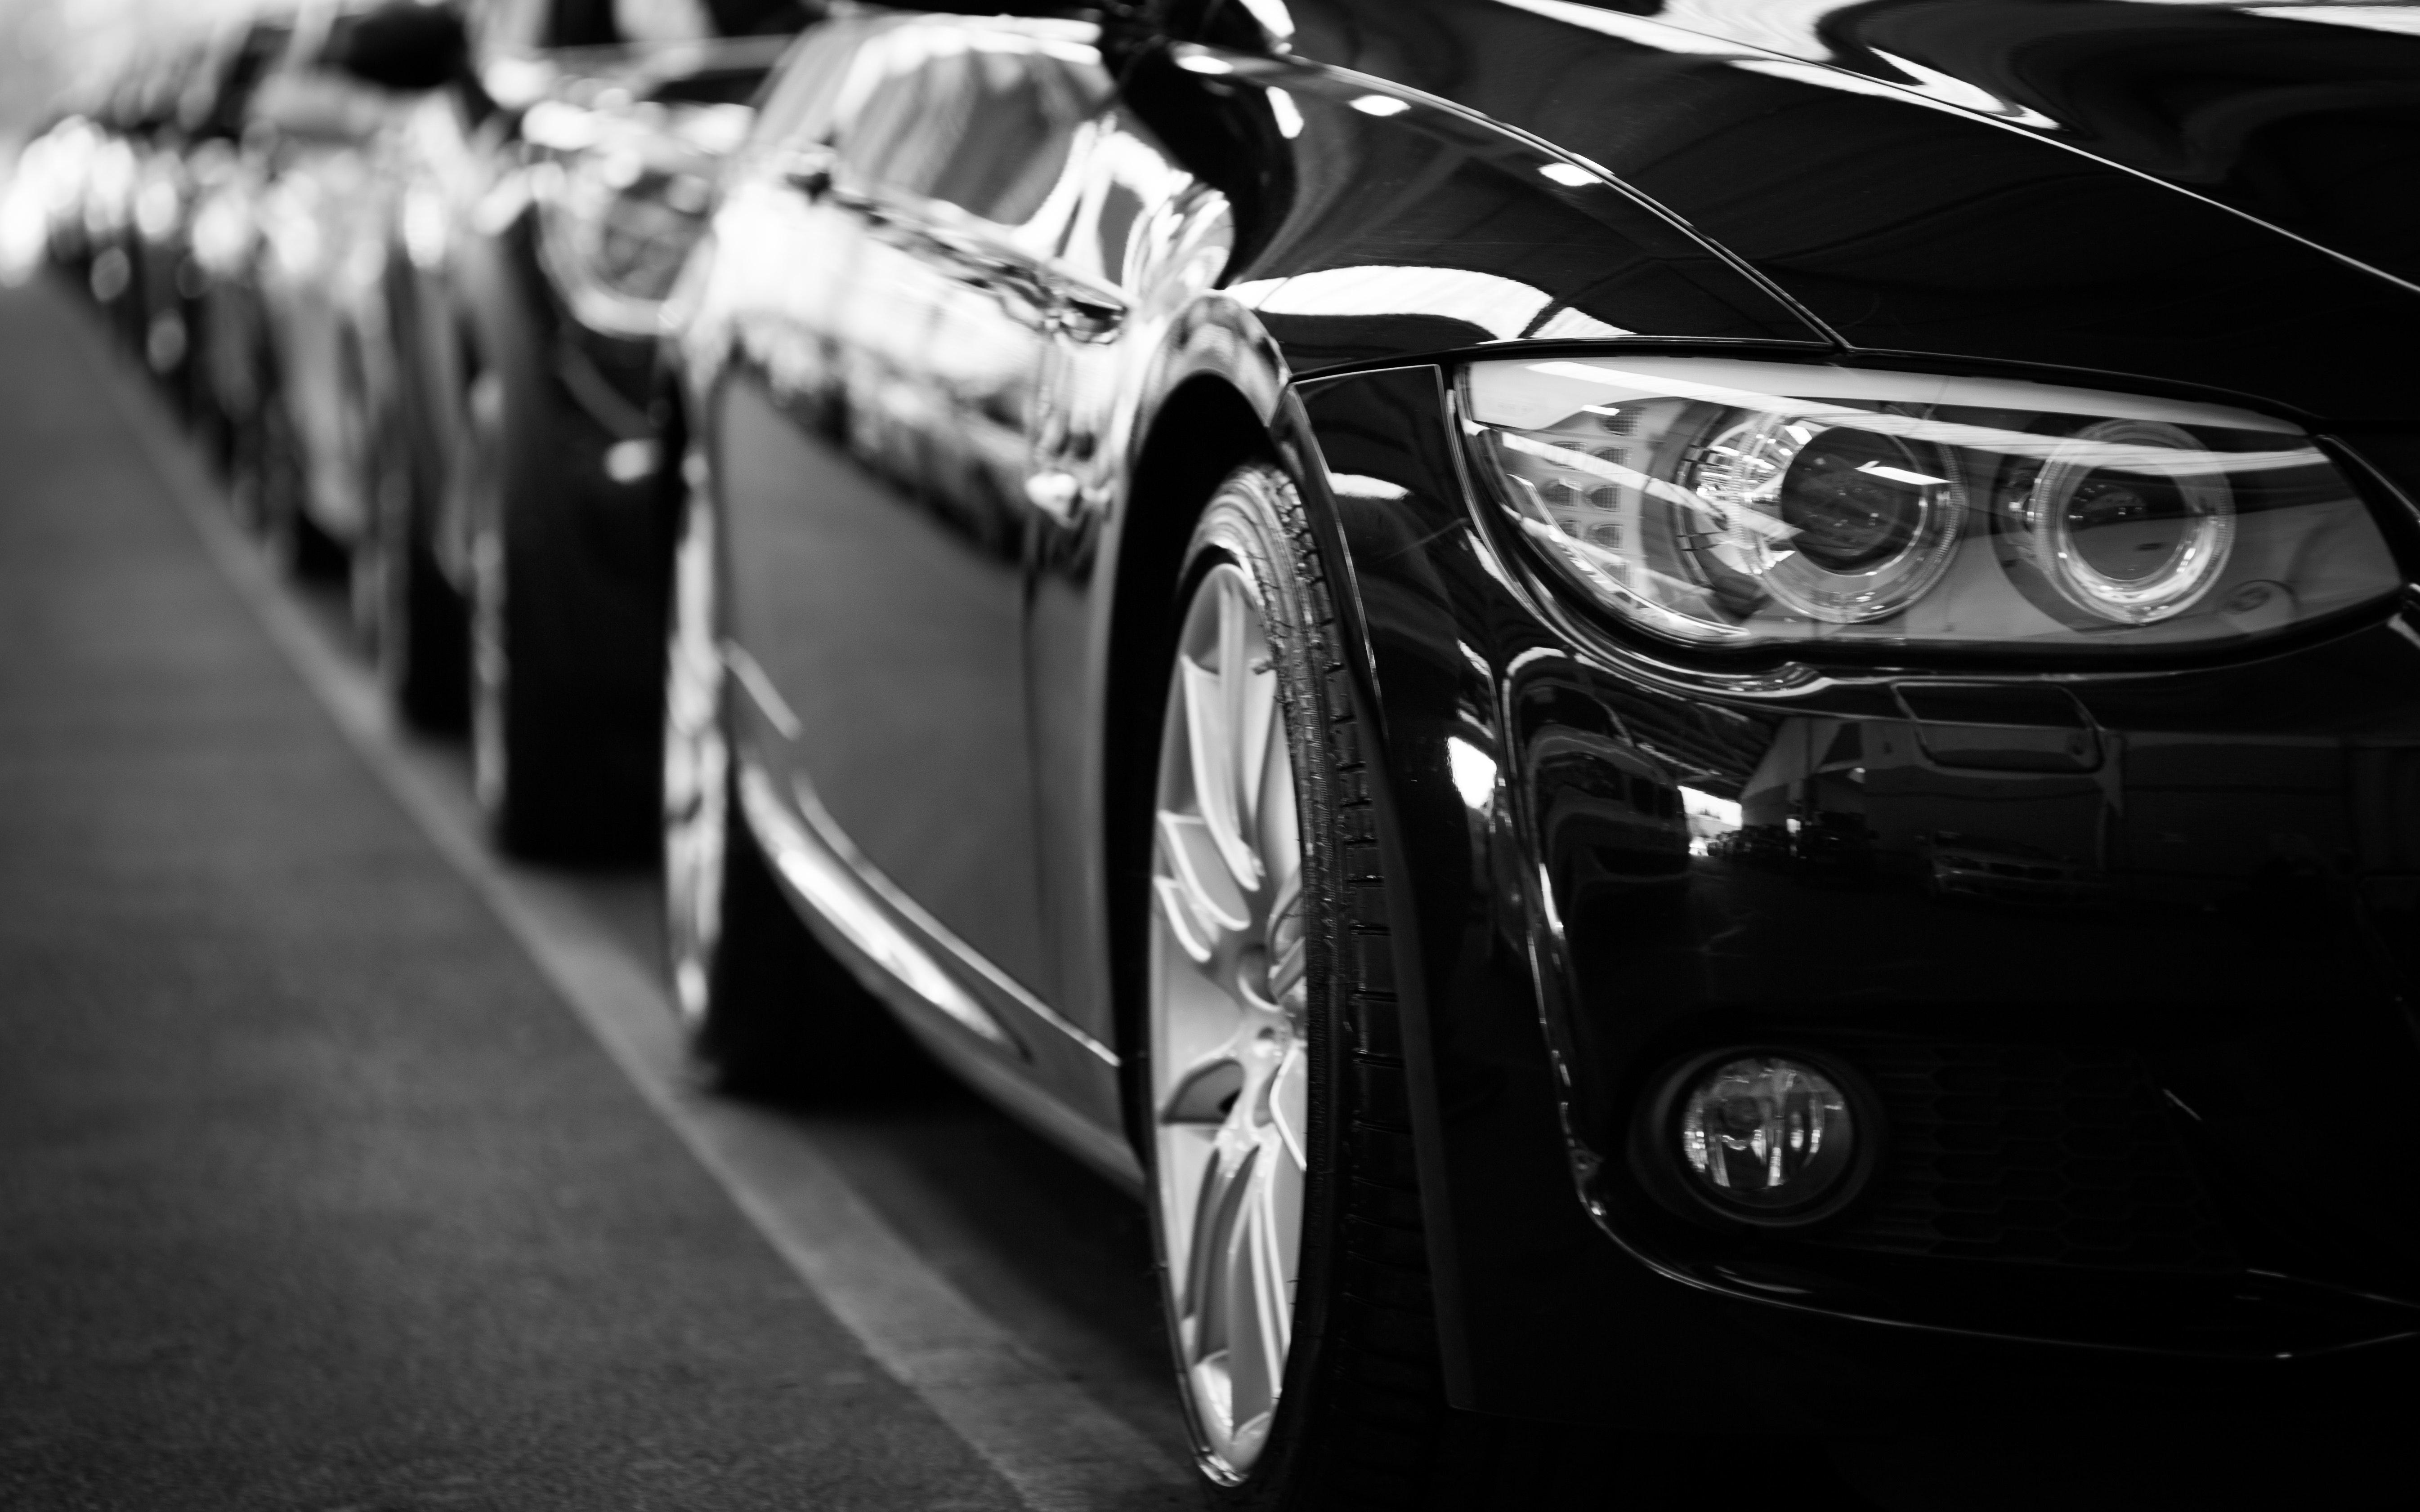 indústria setor automotivo transformação digital